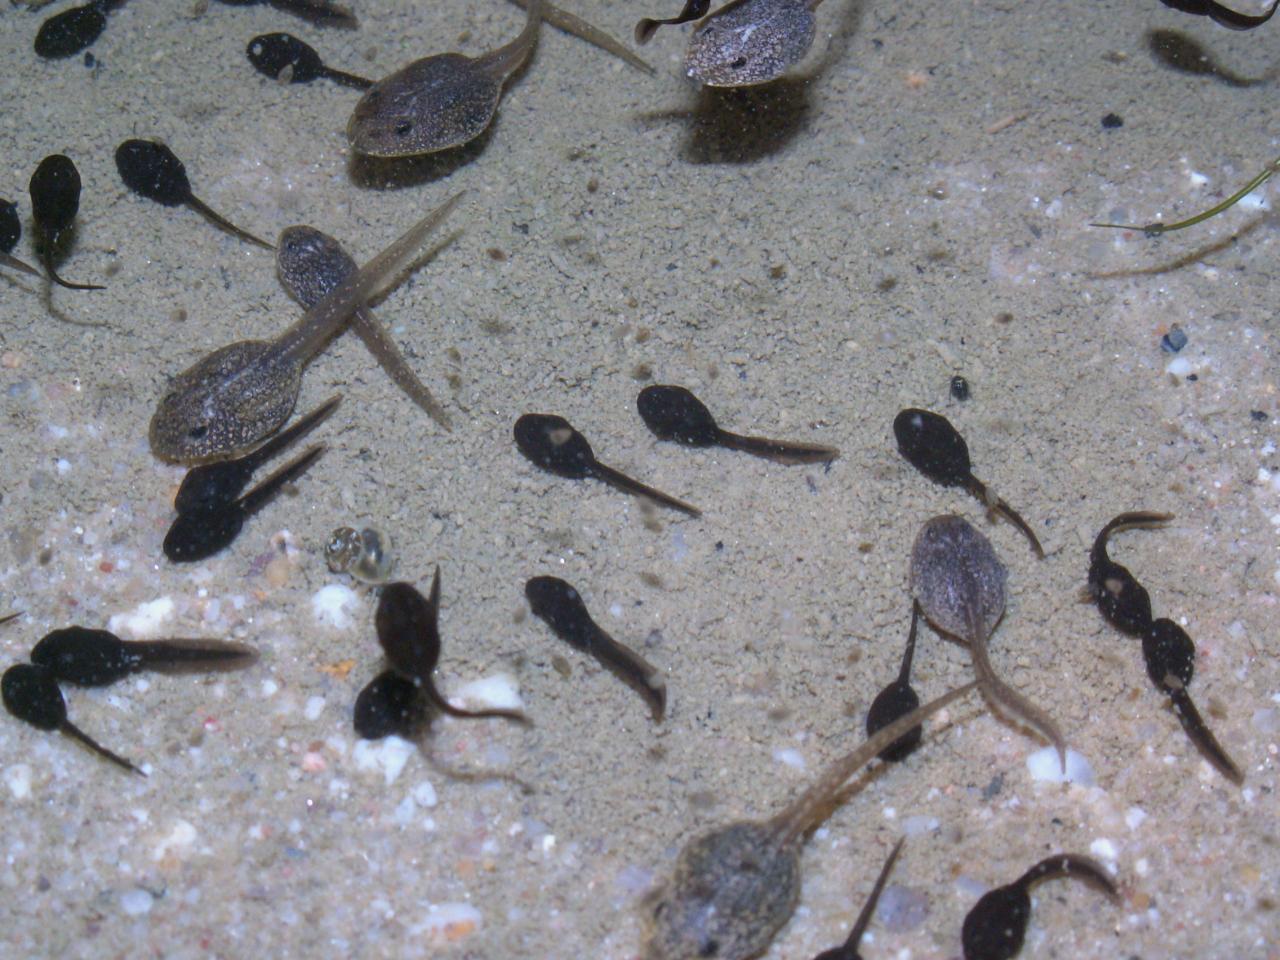 Tétards de grenouilles rousse, les grand à couleur grise.